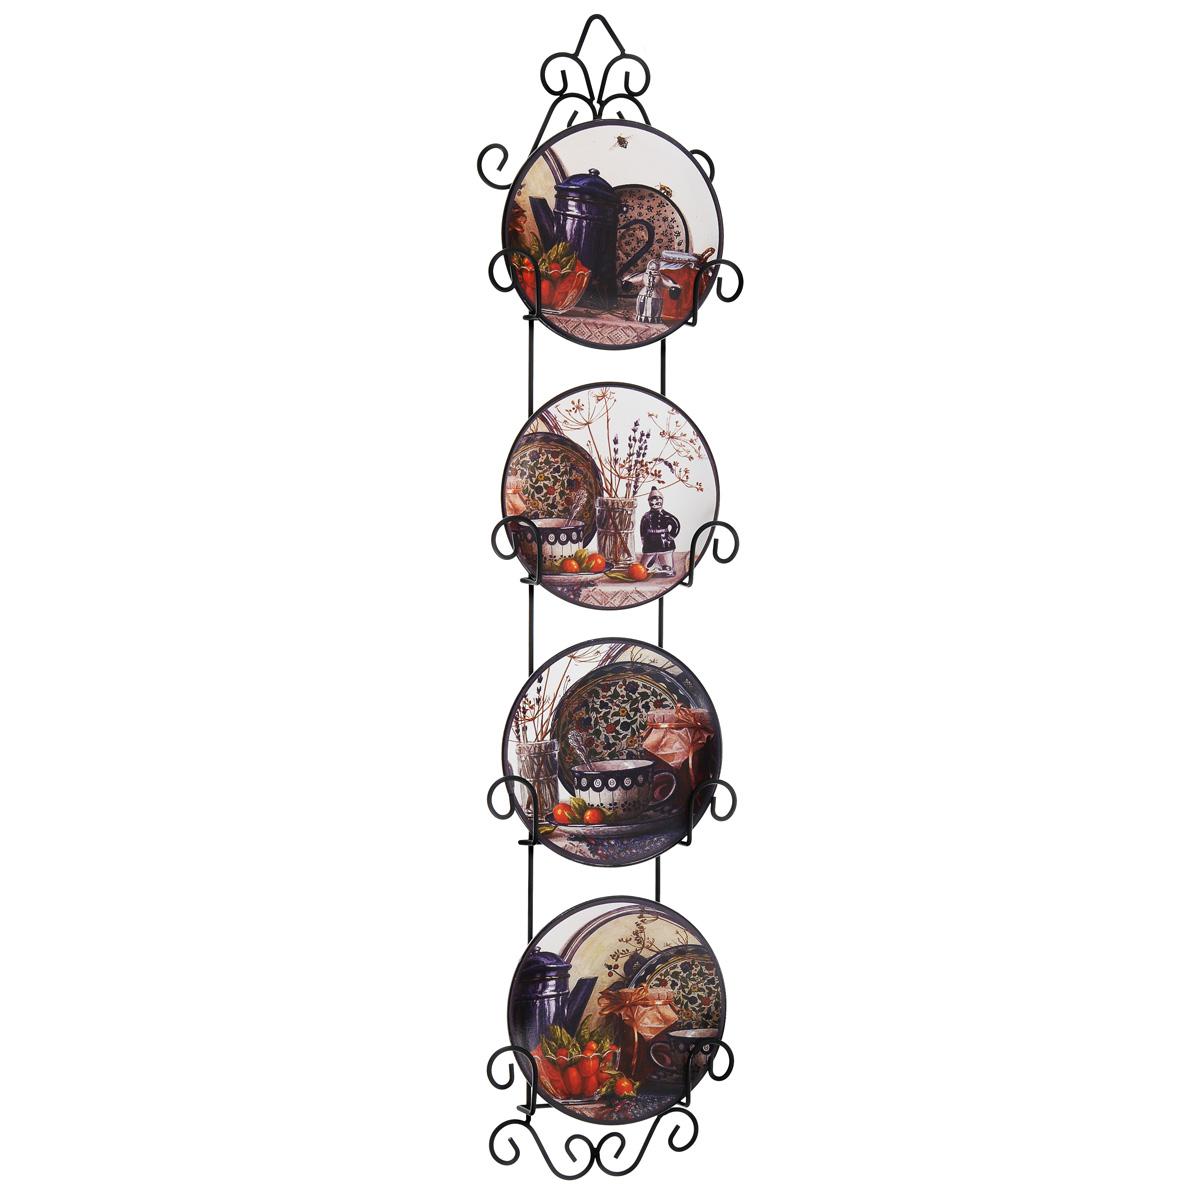 Набор декоративных тарелок Чайный набор, диаметр 11 см, 4 шт36251Набор из четырех декоративных тарелок с ярким рисунком украсят практически любое ваше помещение, будь то кухня, столовая, гостиная, холл и будут являться необычным дизайнерским решением. Тарелки выполнены из доломитовой керамики, подставка в виде вертикальной этажерки, благодаря которой сувенир удобно и быстро крепится к стене, - из черного металла. Каждая тарелочка, декорированная изображениями чайных чашек и чайника, помещается в отдельную нишу. Очаровательный набор декоративных тарелок - замечательный подарок друзьям и близким людям. Размер тарелки (без подставки): 11 см х 11 см х 1,5 см. Размер сувенира с подставкой: 3 см х 12,5 см х 56 см.